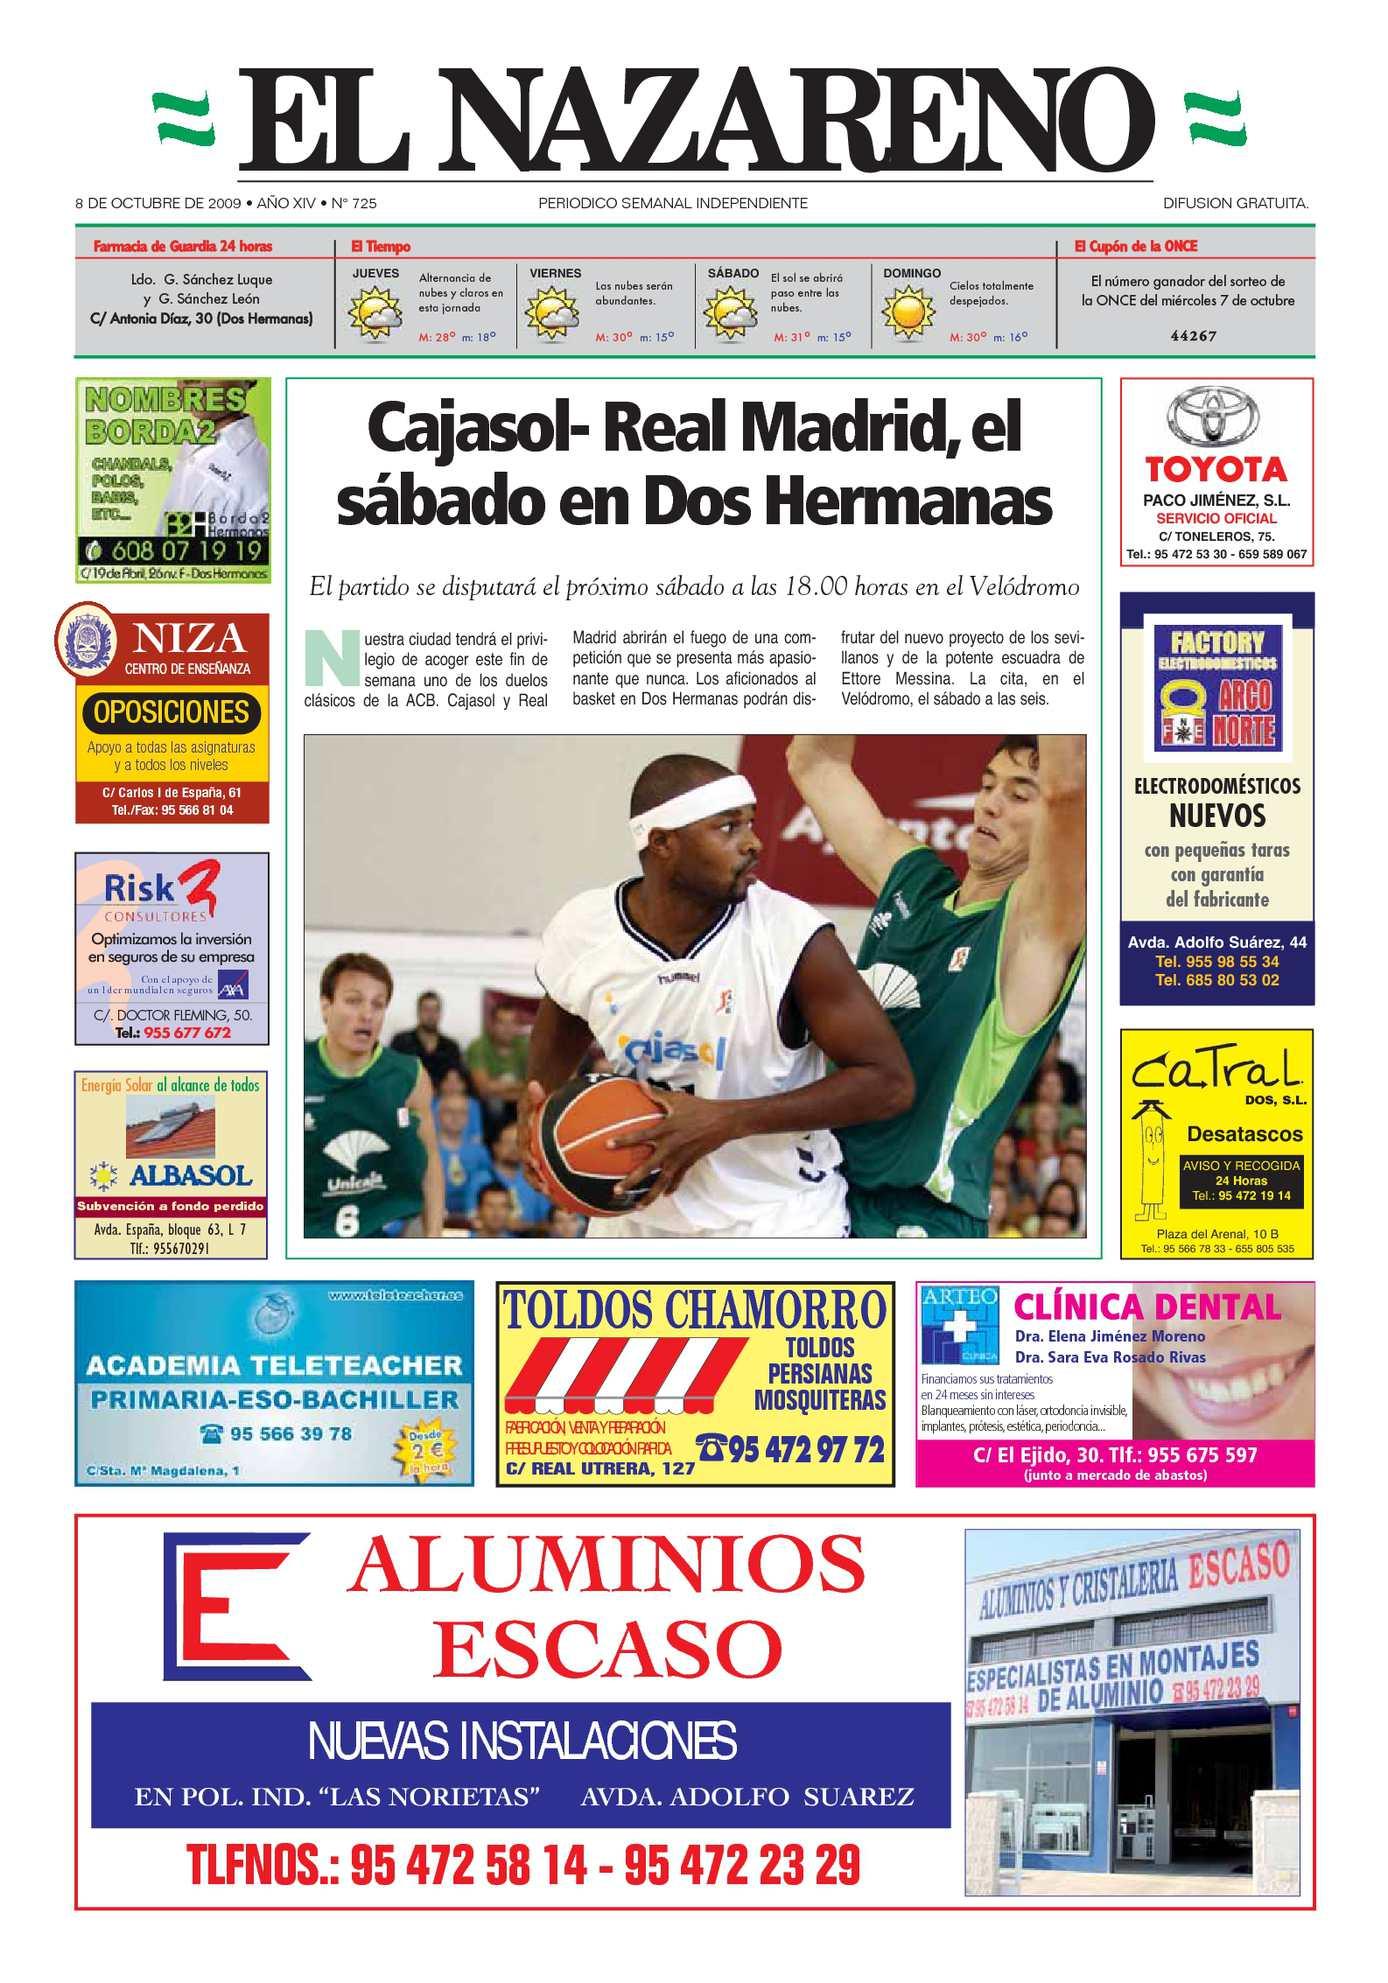 Calaméo - Periódico El Nazareno de Dos Hermanas nº 725